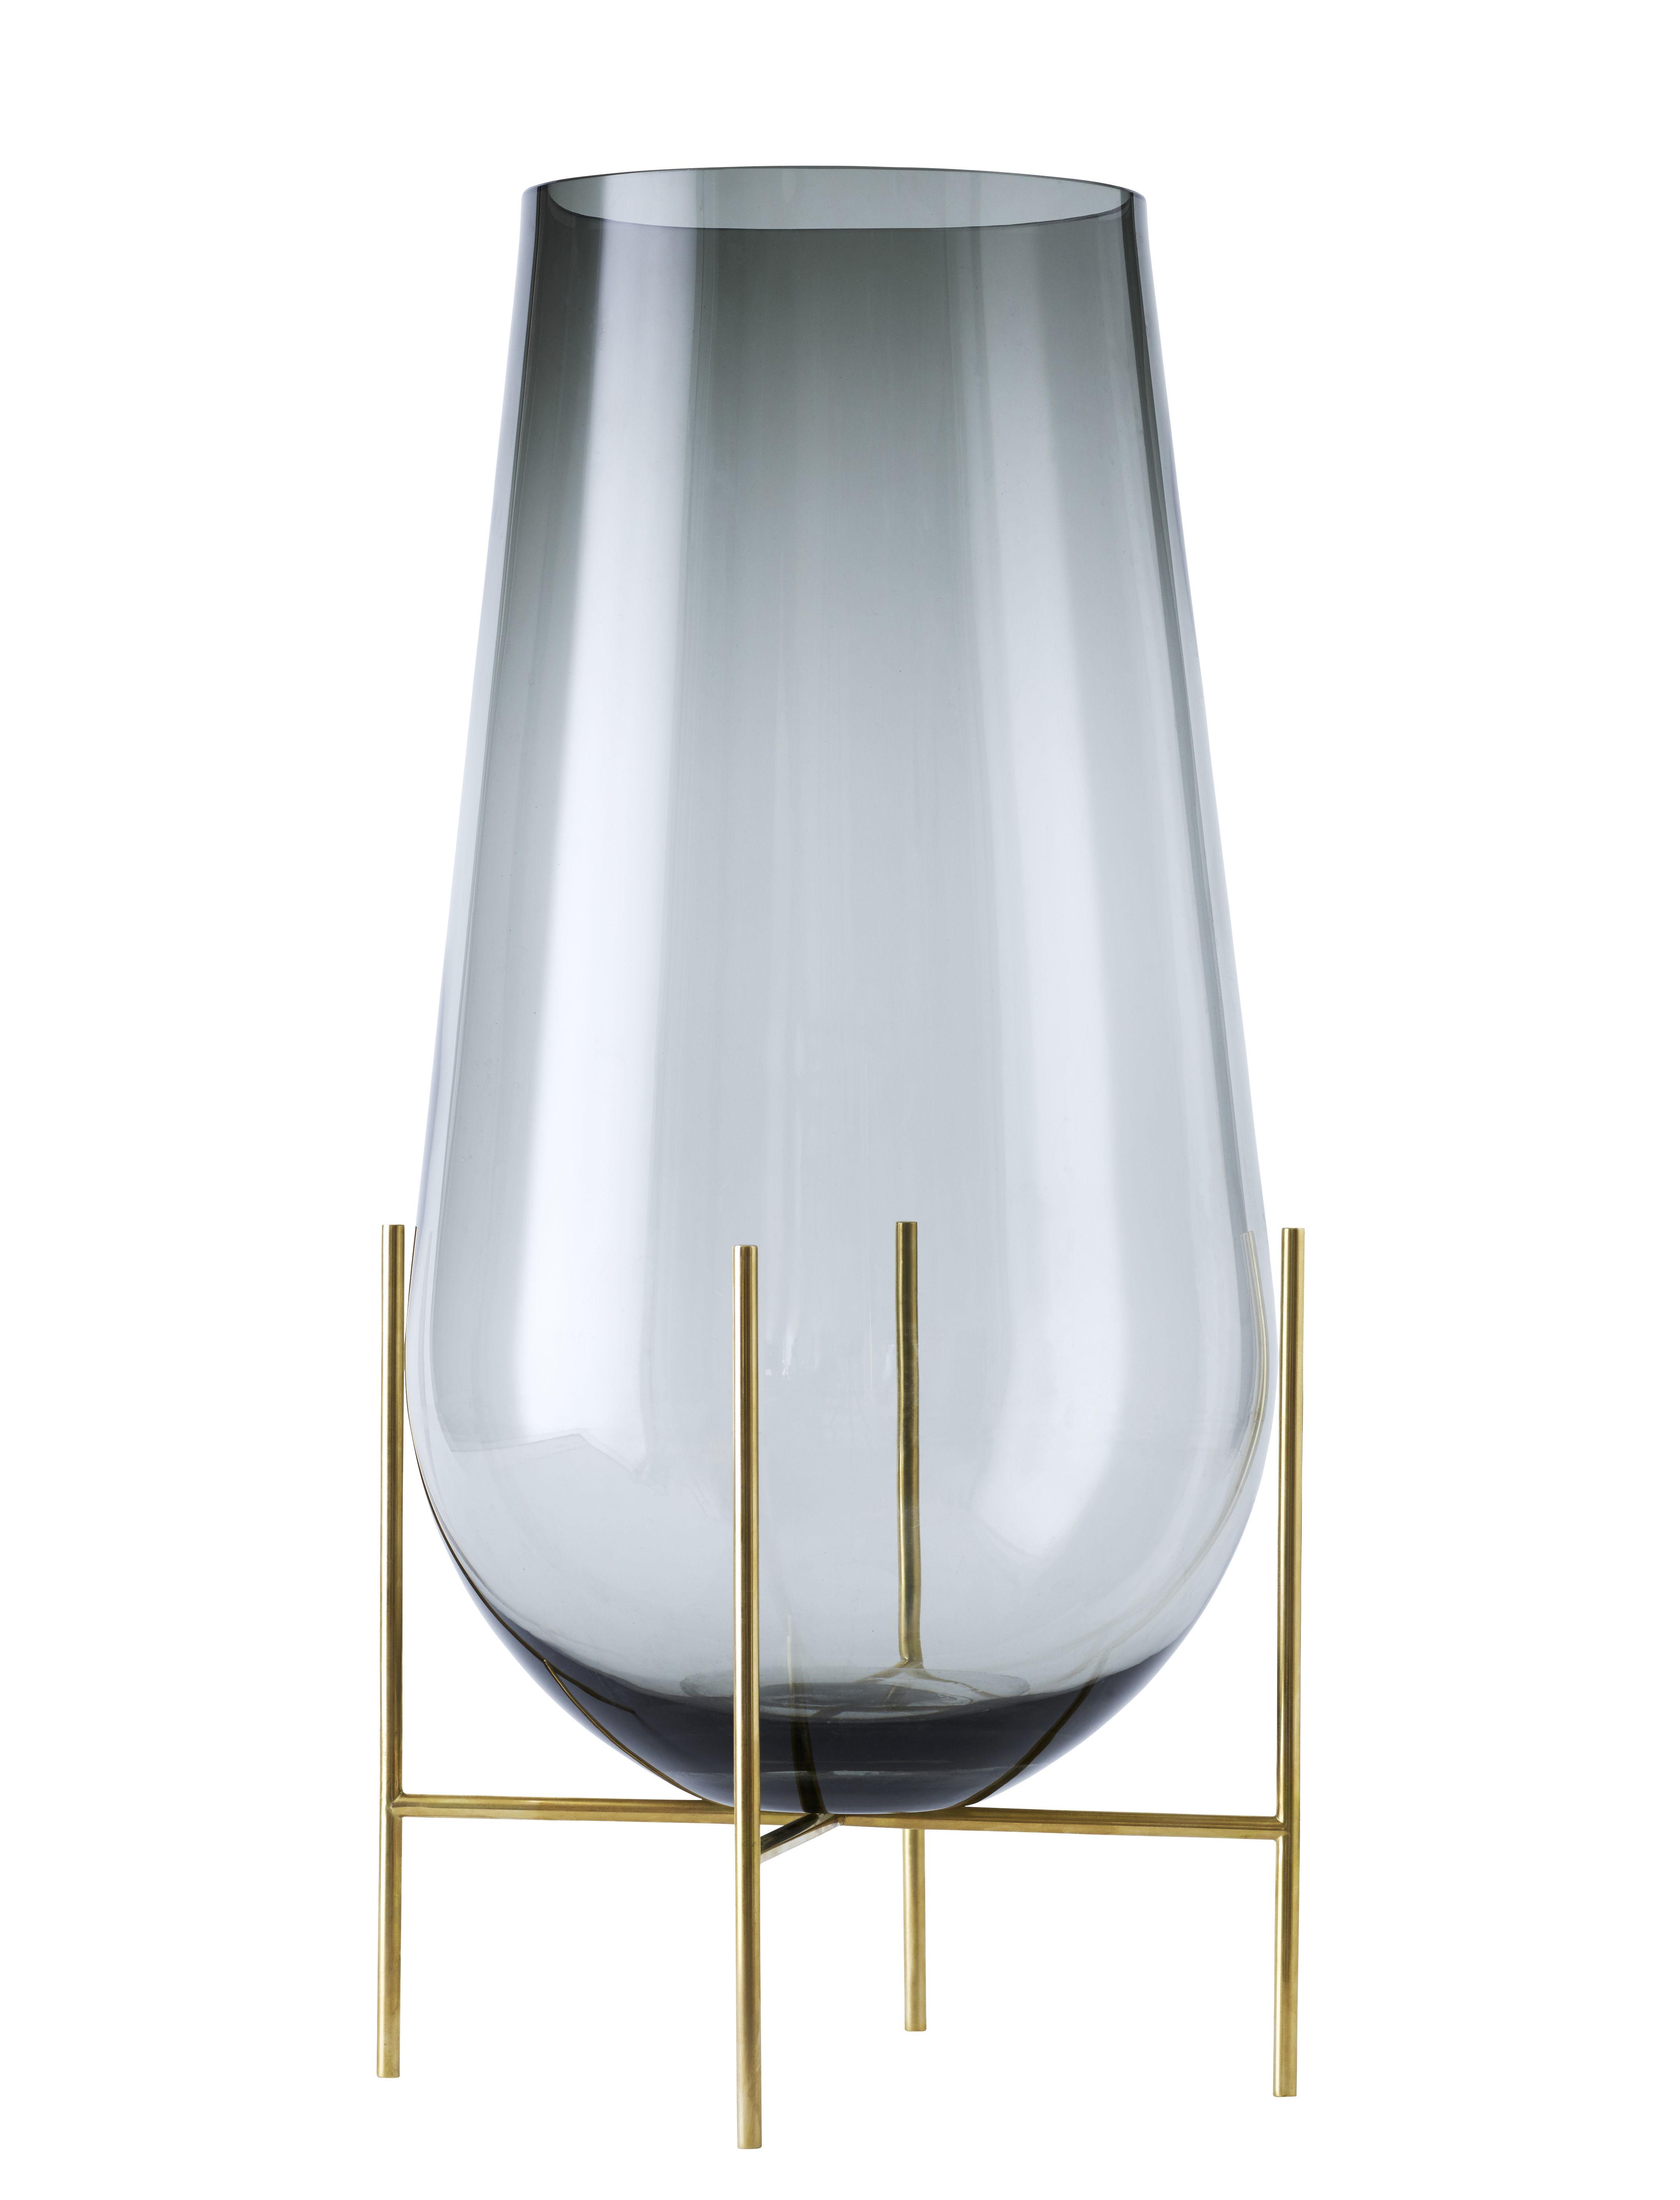 Déco - Vases - Vase Echasse Large / H 60 cm - Menu - H 60 cm / Fumé & Laiton - Laiton massif, Verre